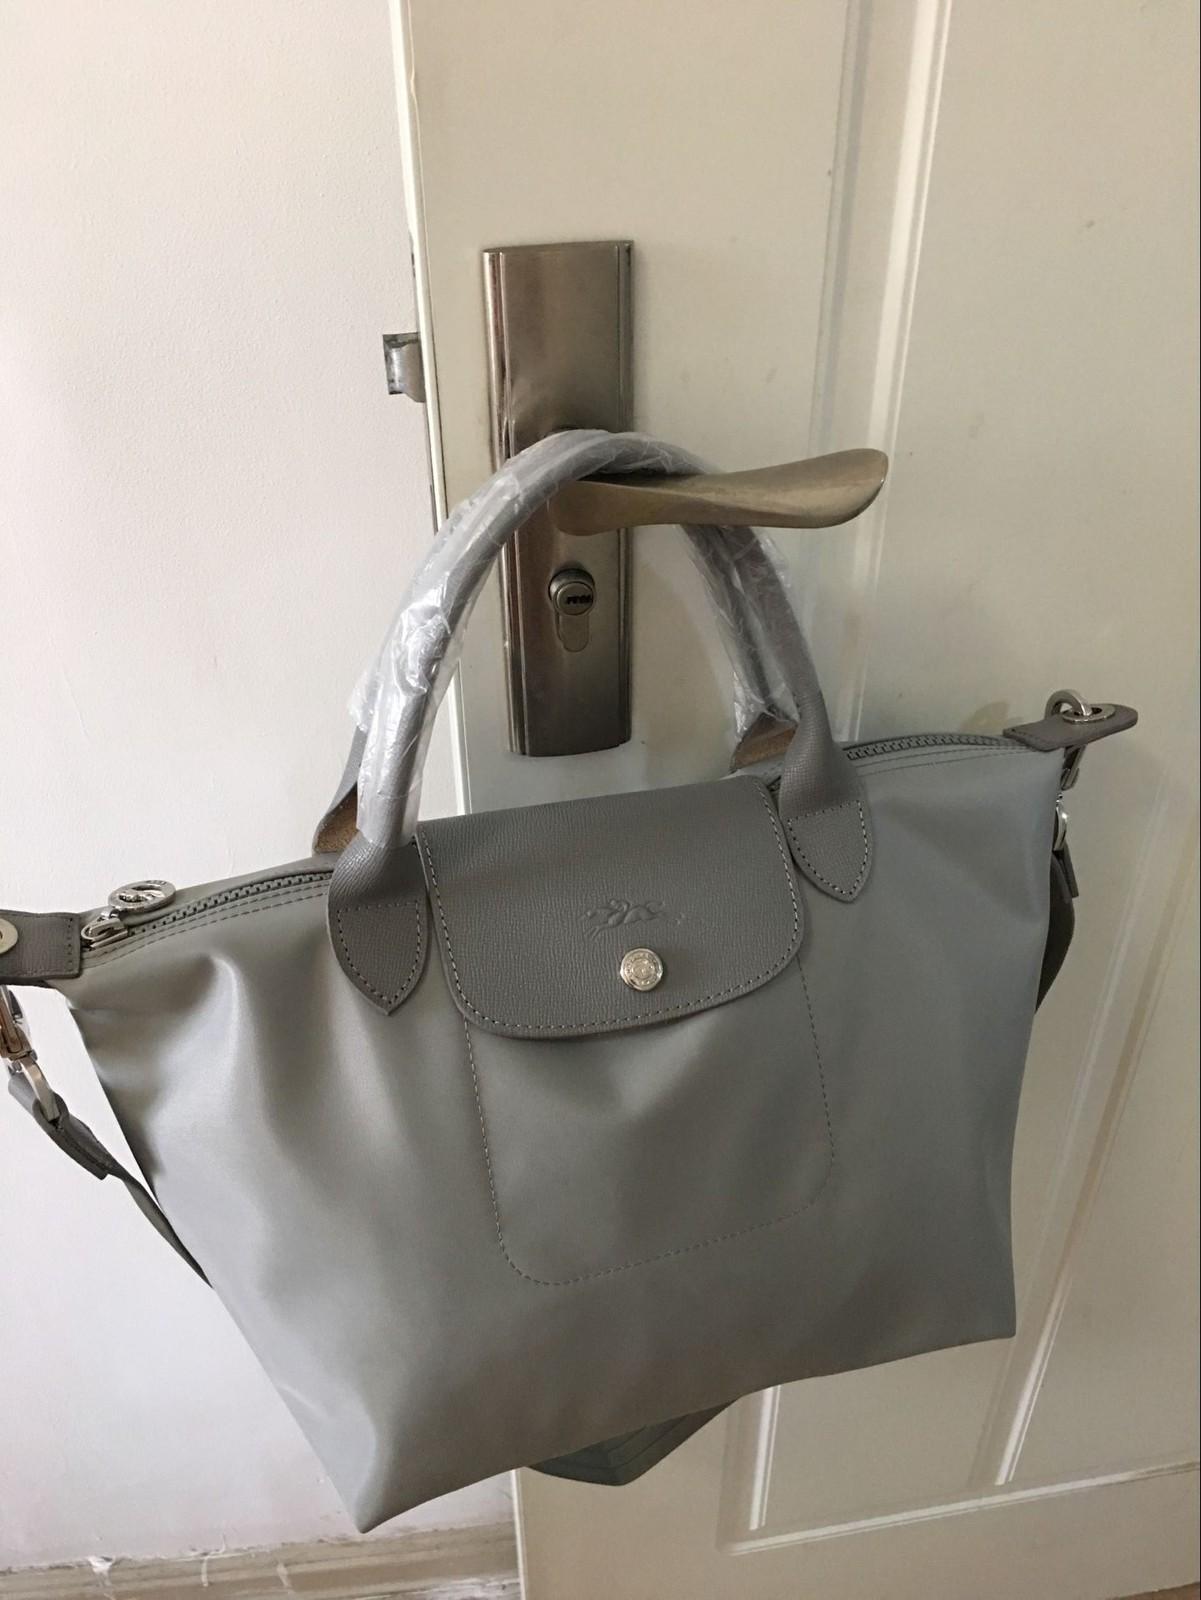 0fe9e3aae0a 1512pebblegalet. 1512pebblegalet. Previous. Longchamp Le Pliage Neo Small  Handbag Pebble Galet 1512578274